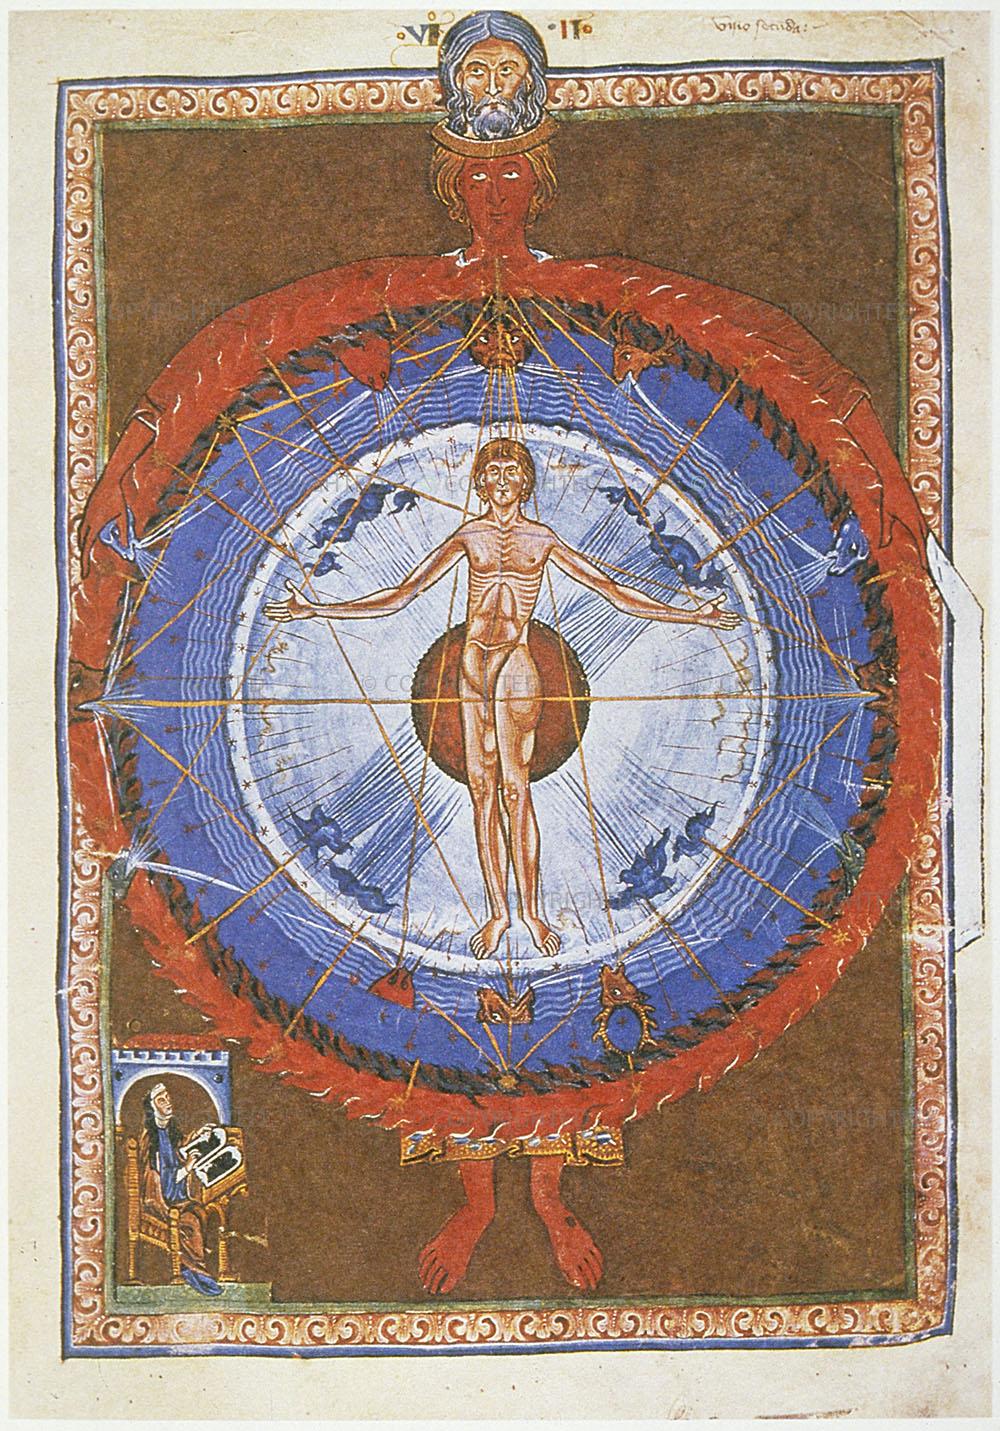 Ildegarda di Bingen, Liber divinorum operum